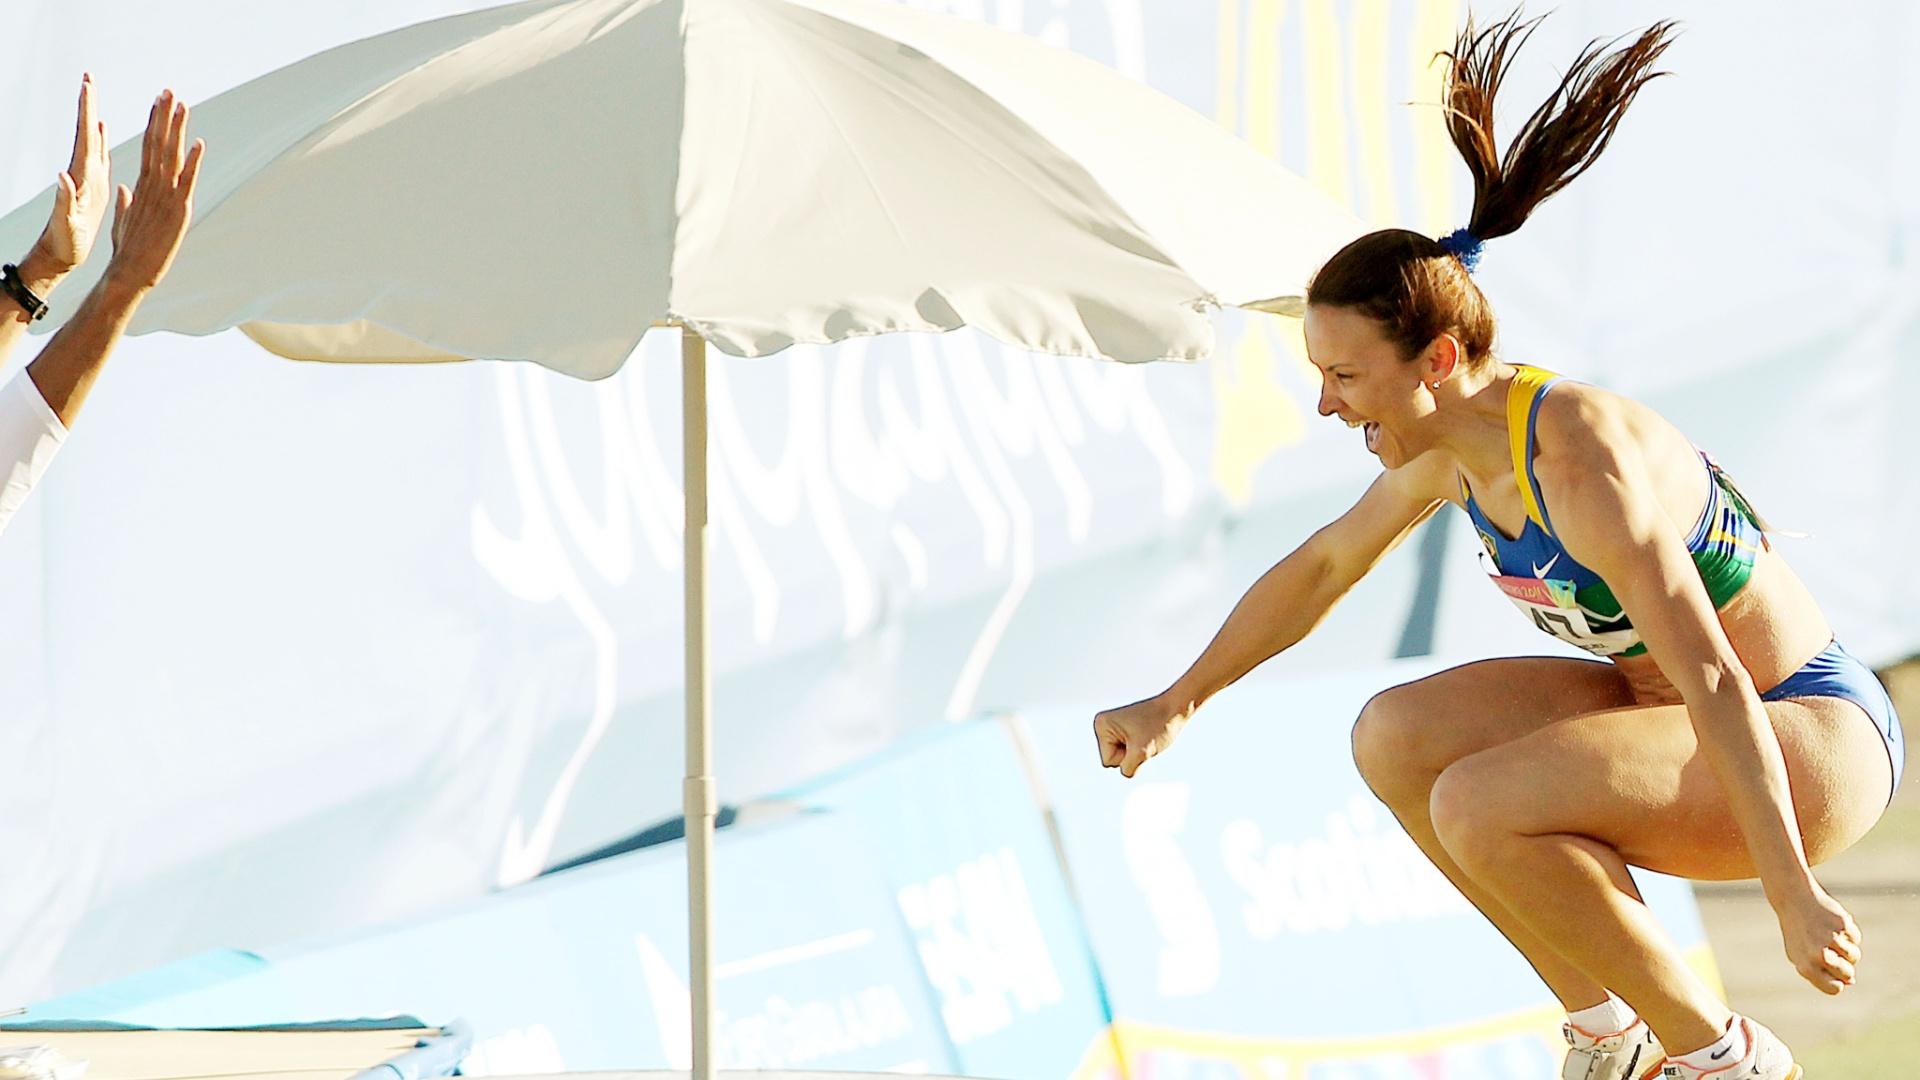 Maurren Maggi comemora salto de 6,94 m, seu melhor na temporada, durante a final do salto em distância do Pan (26/10/2011)